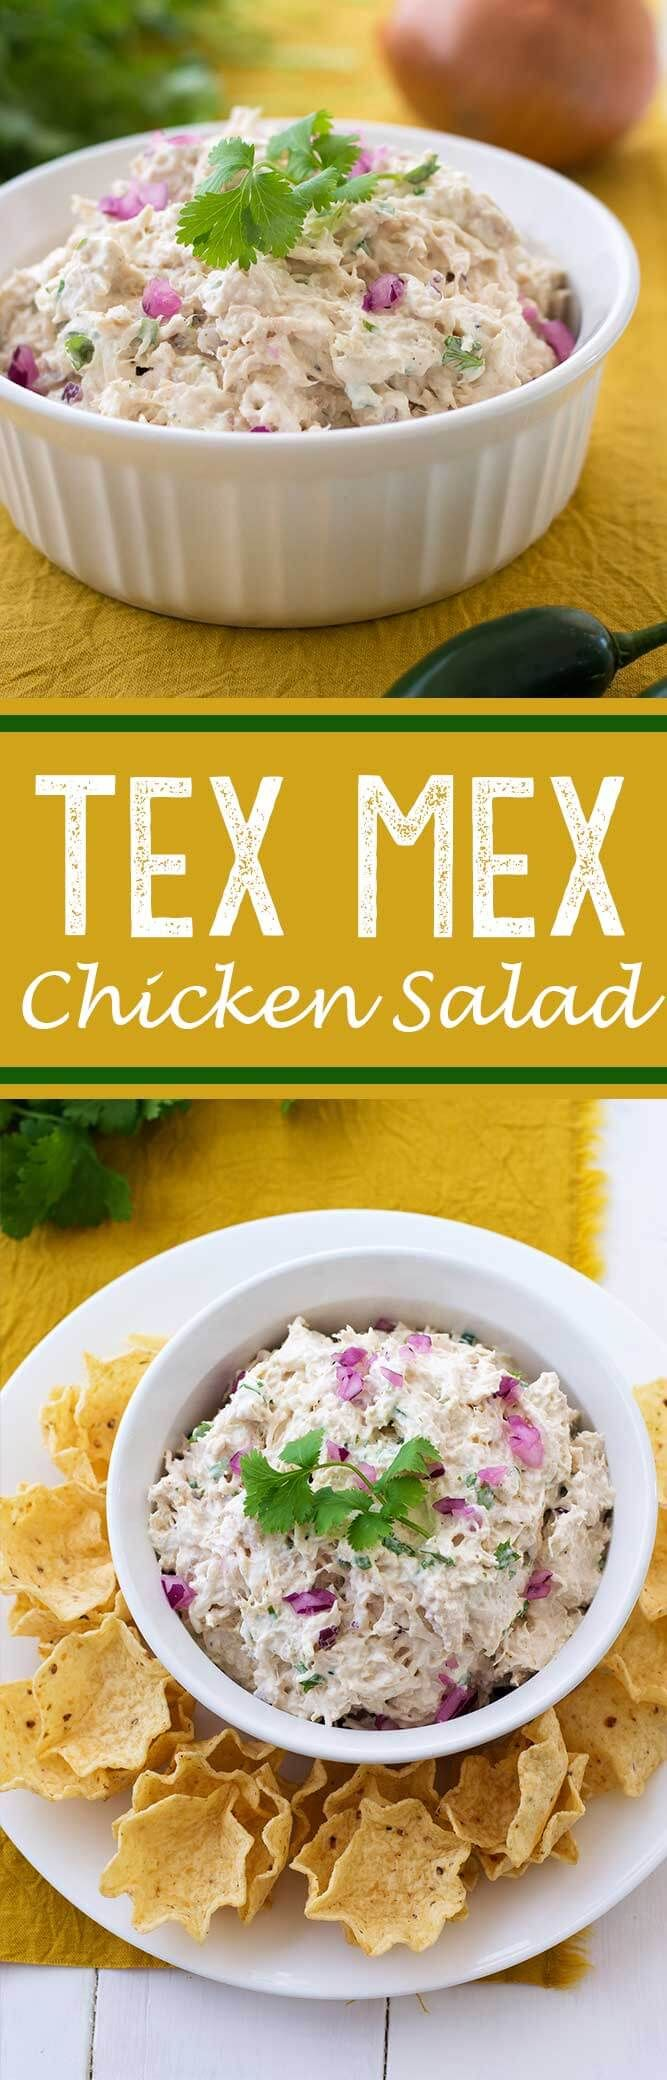 Tex Mex Chicken Salad